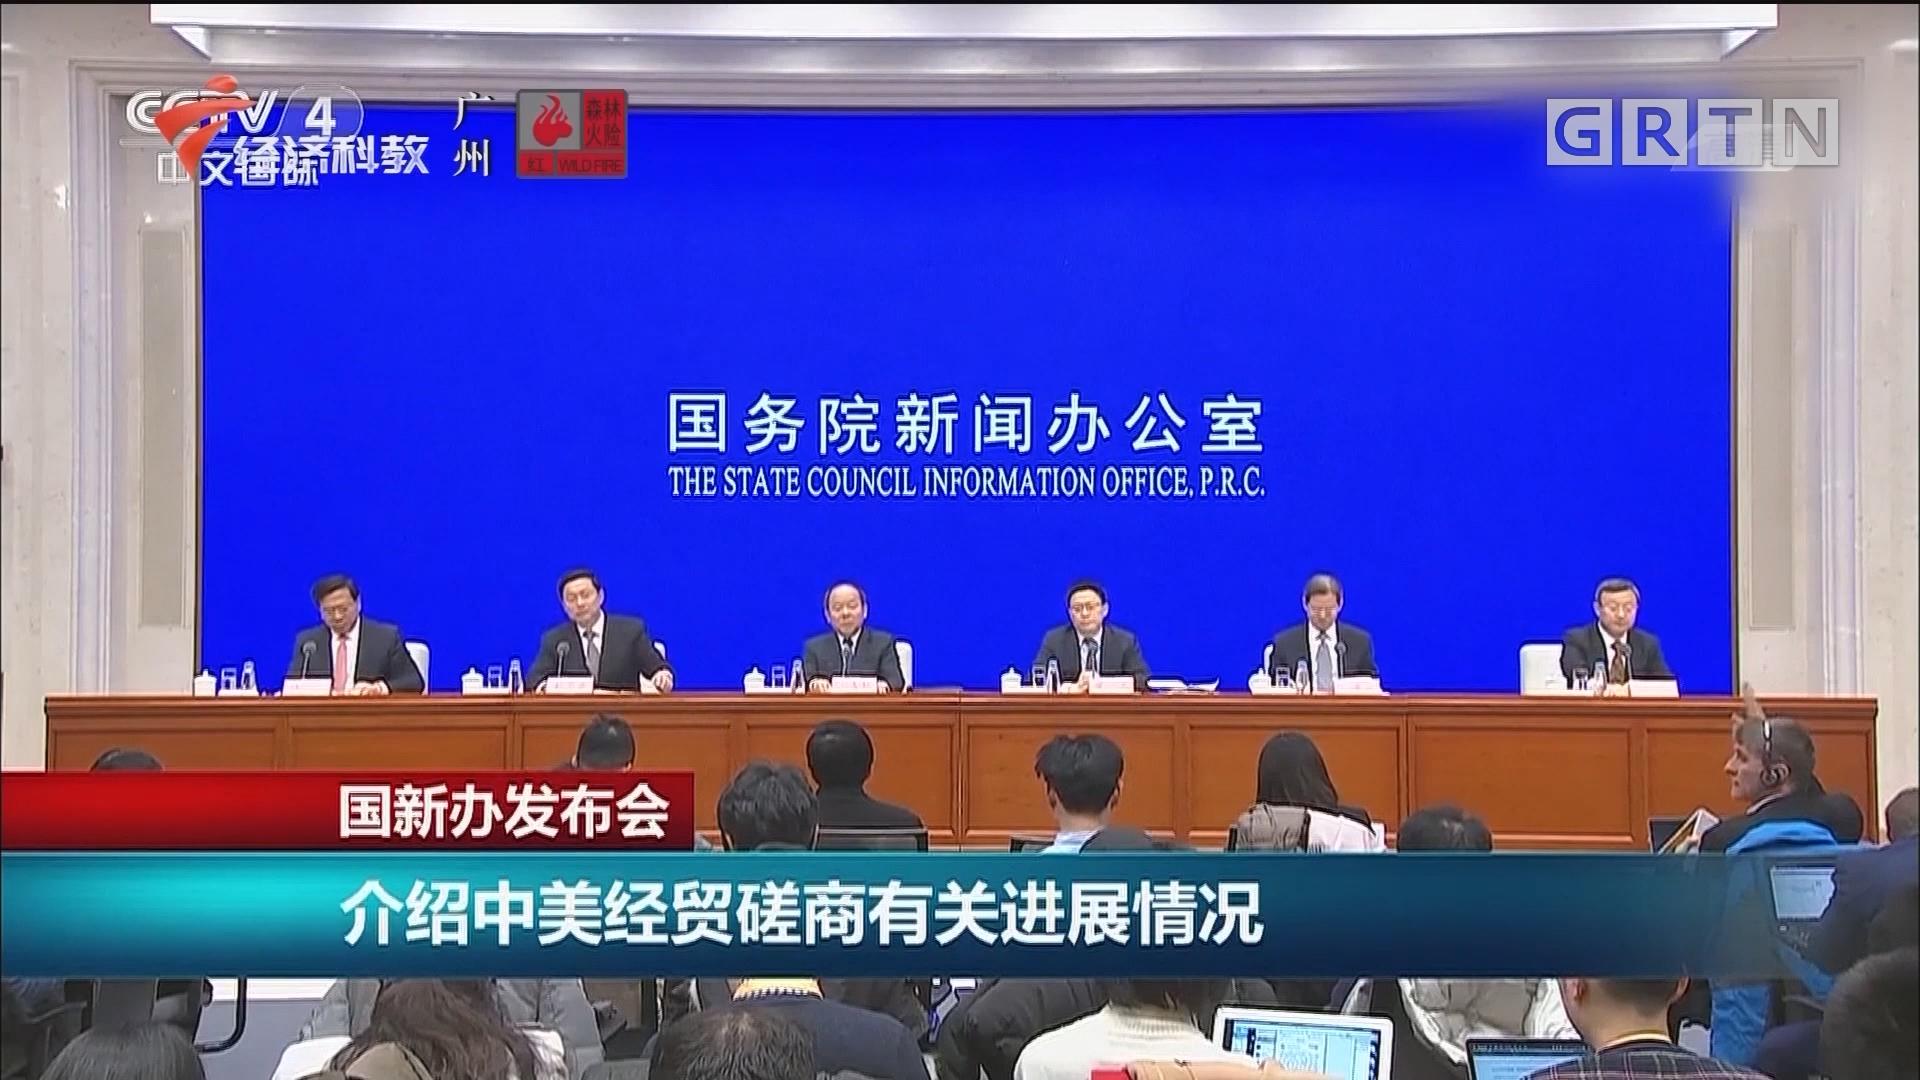 国新办发布会:介绍中美经贸磋商有关进展情况